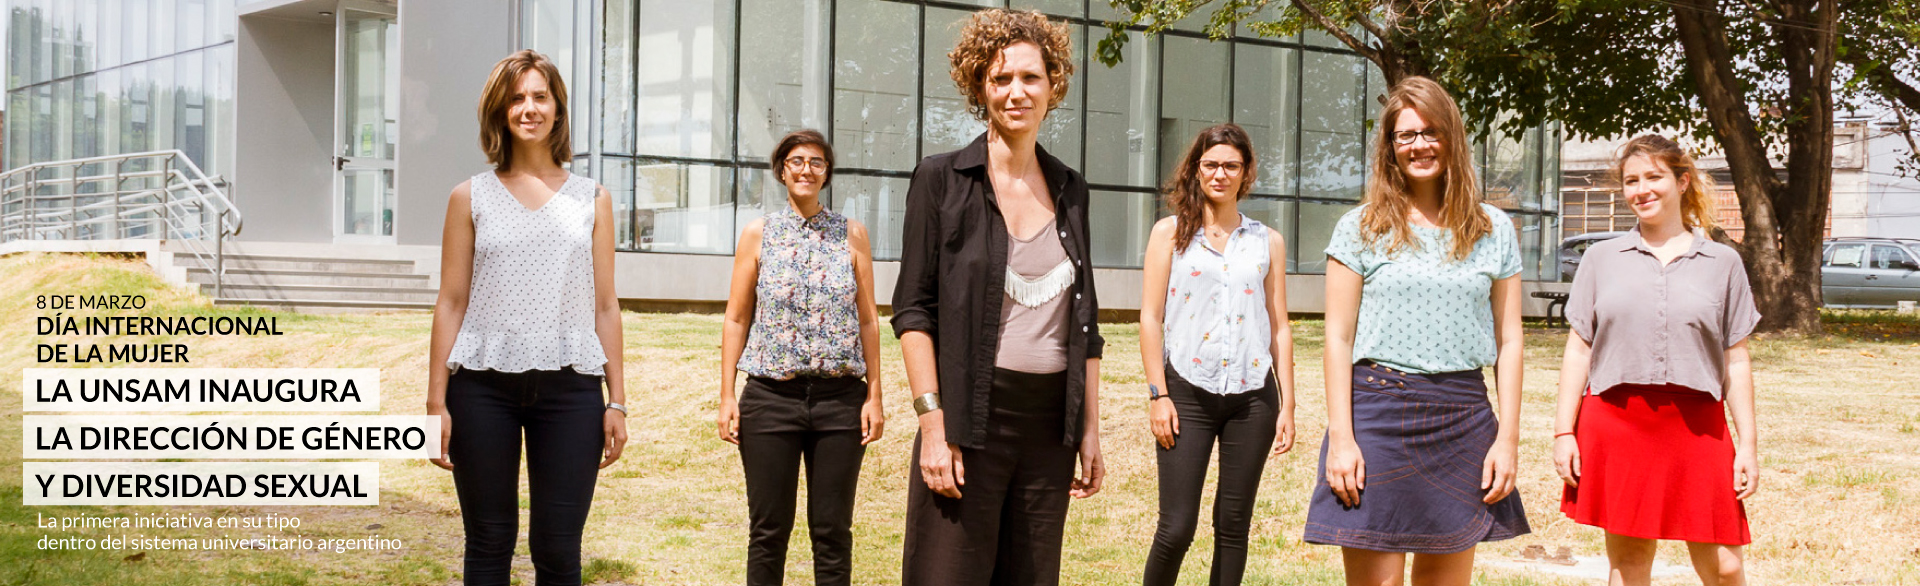 Lanzamiento de la Dirección de Género y Diversidad Sexual